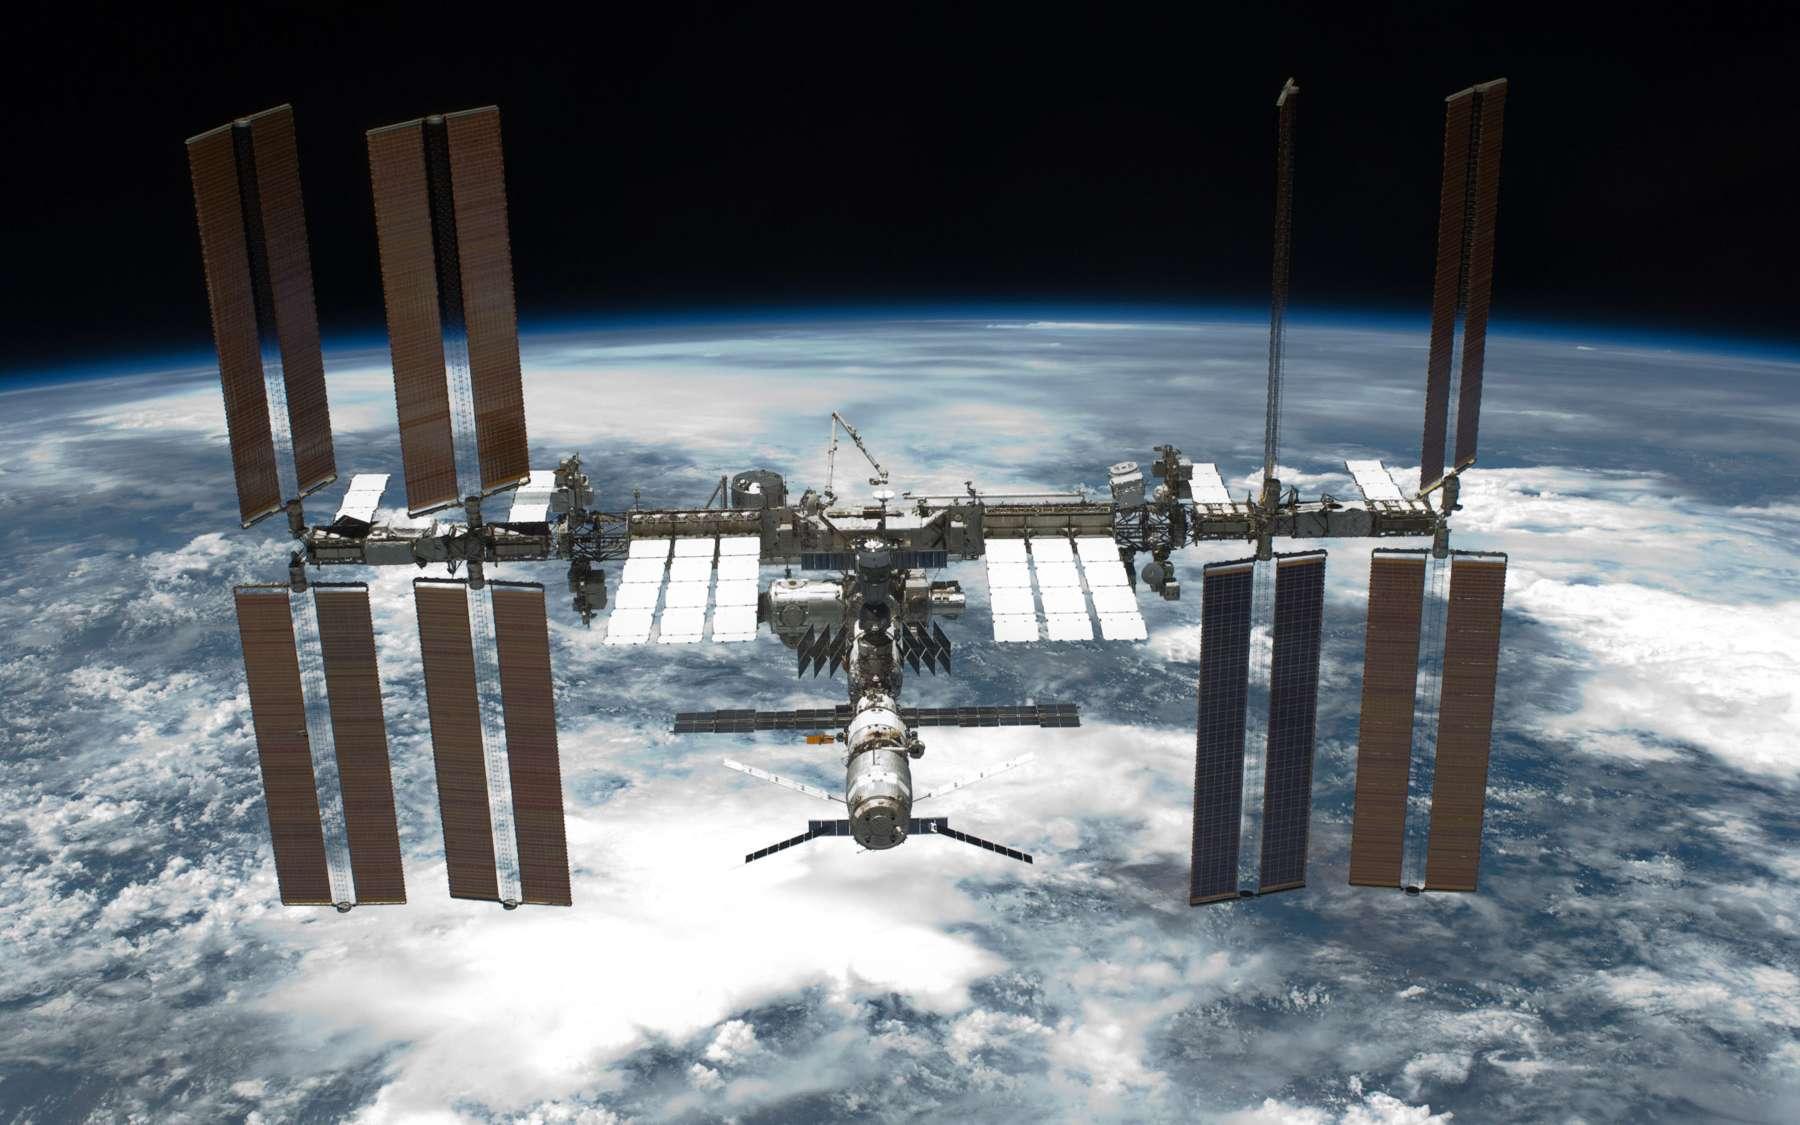 Succès politique et technologique sans précédent, tout au long de son histoire, le programme de la Station spatiale internationale a été semé d'embûches politiques et techniques. Les sanctions décidées par la Russie en constituent une de plus aujourd'hui. © Nasa